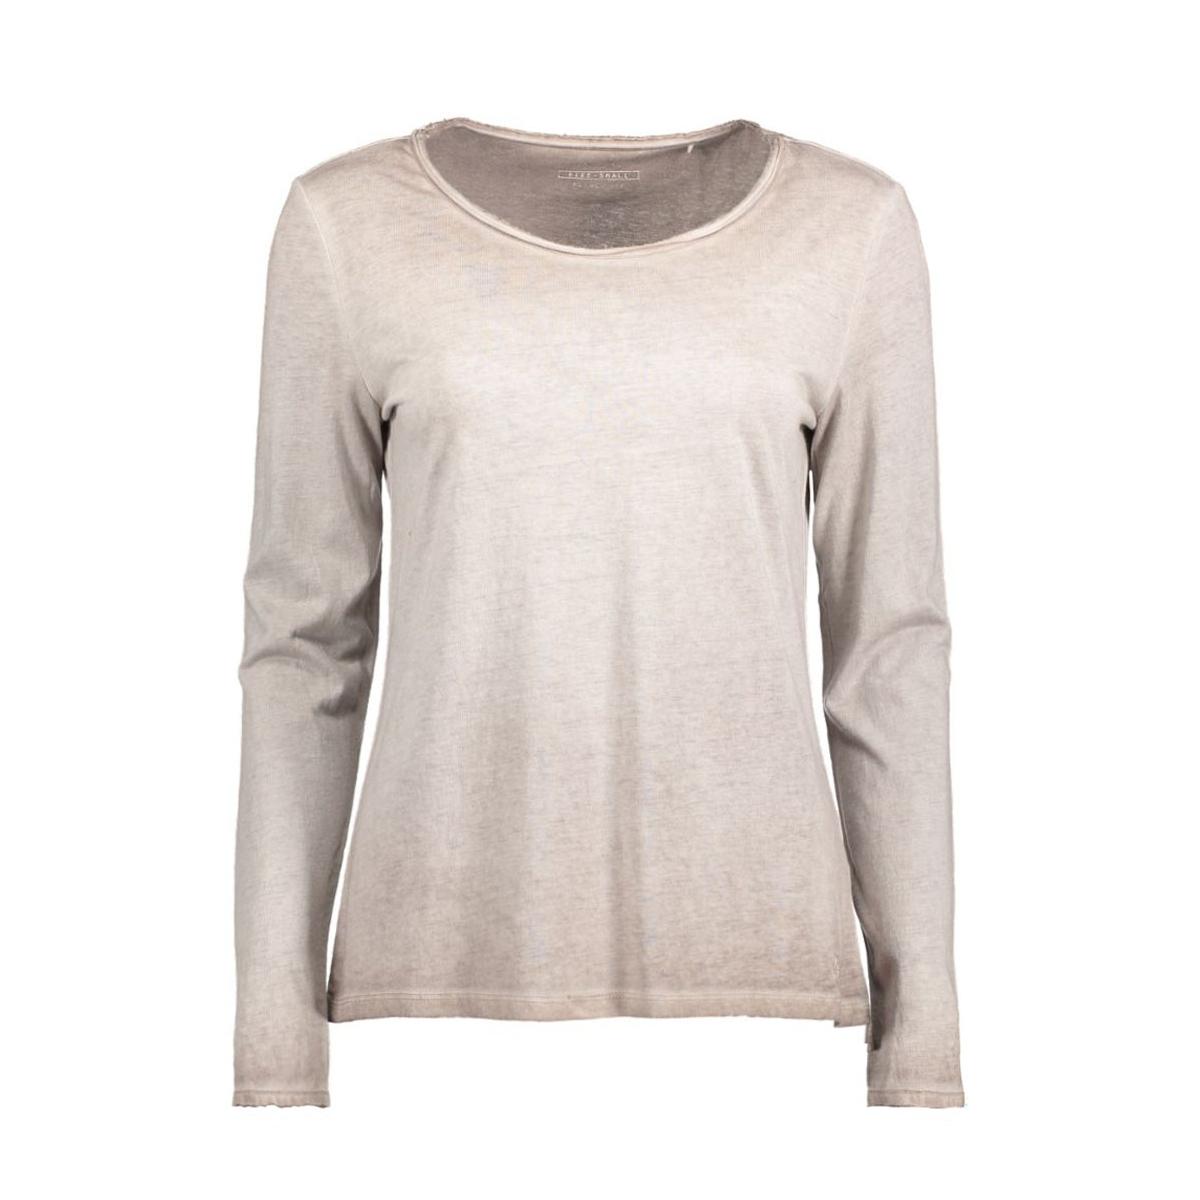 106cc1k025 edc t-shirt c240